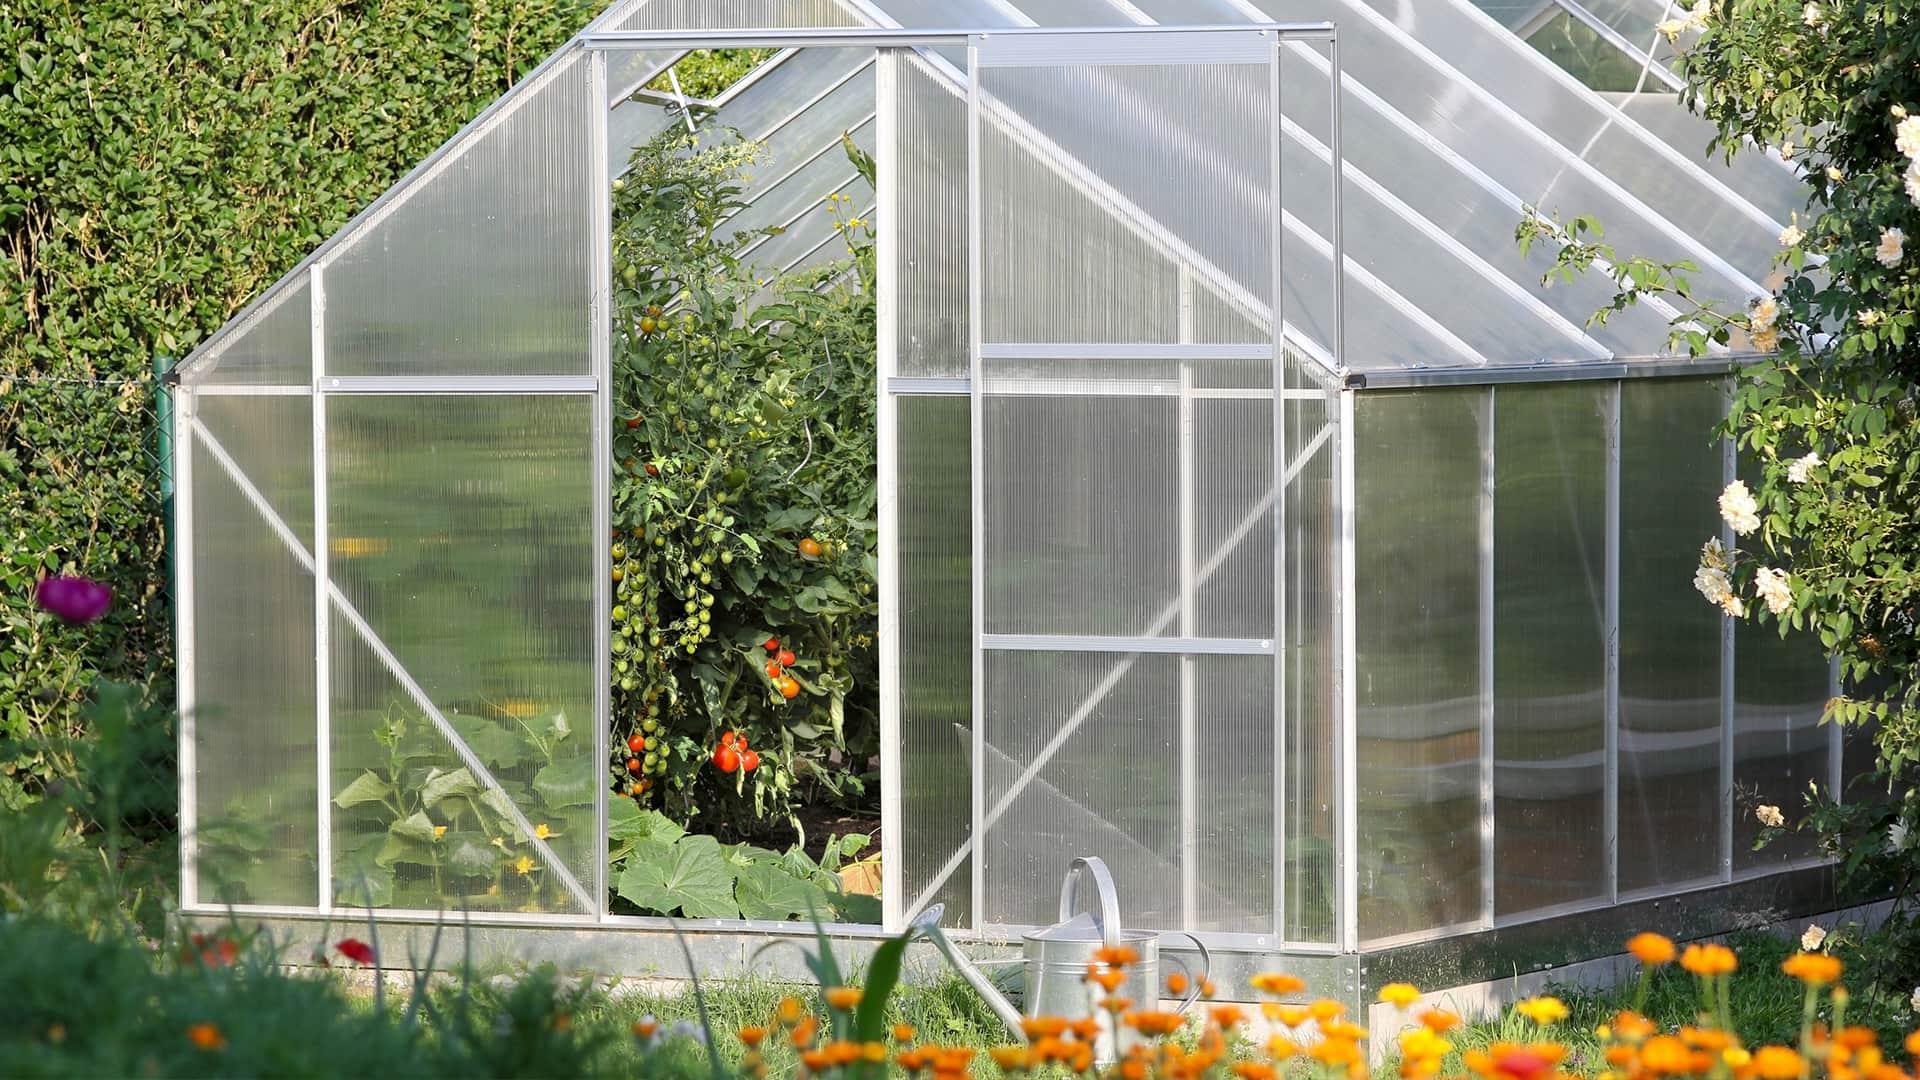 So wird professionelles Gärtnern kinderleicht: Mit einem kleinen Gewächshaus!